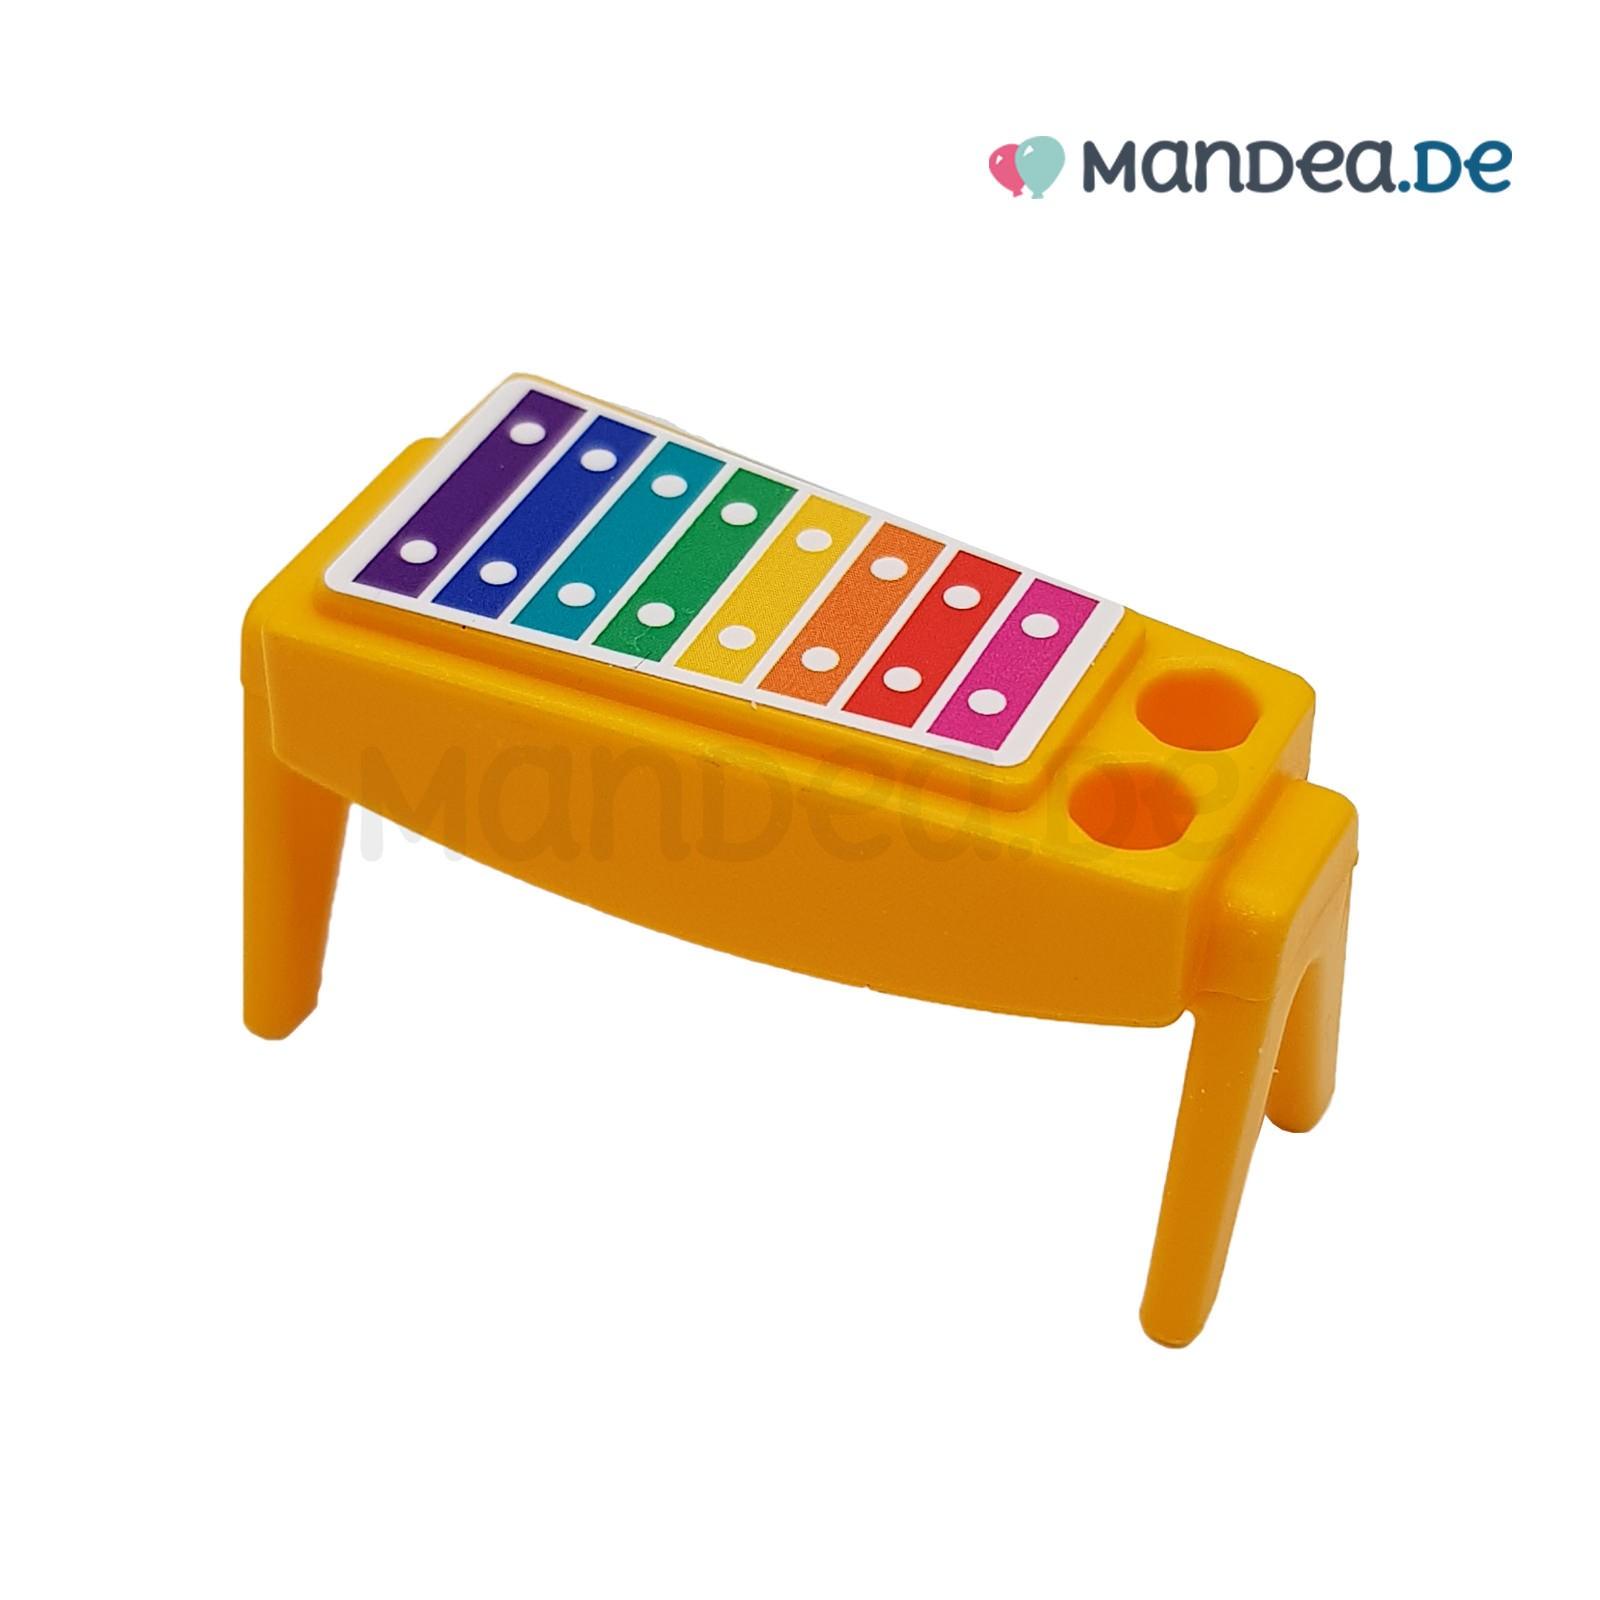 playmobil xylophone 30200142 g nstig online kaufen. Black Bedroom Furniture Sets. Home Design Ideas